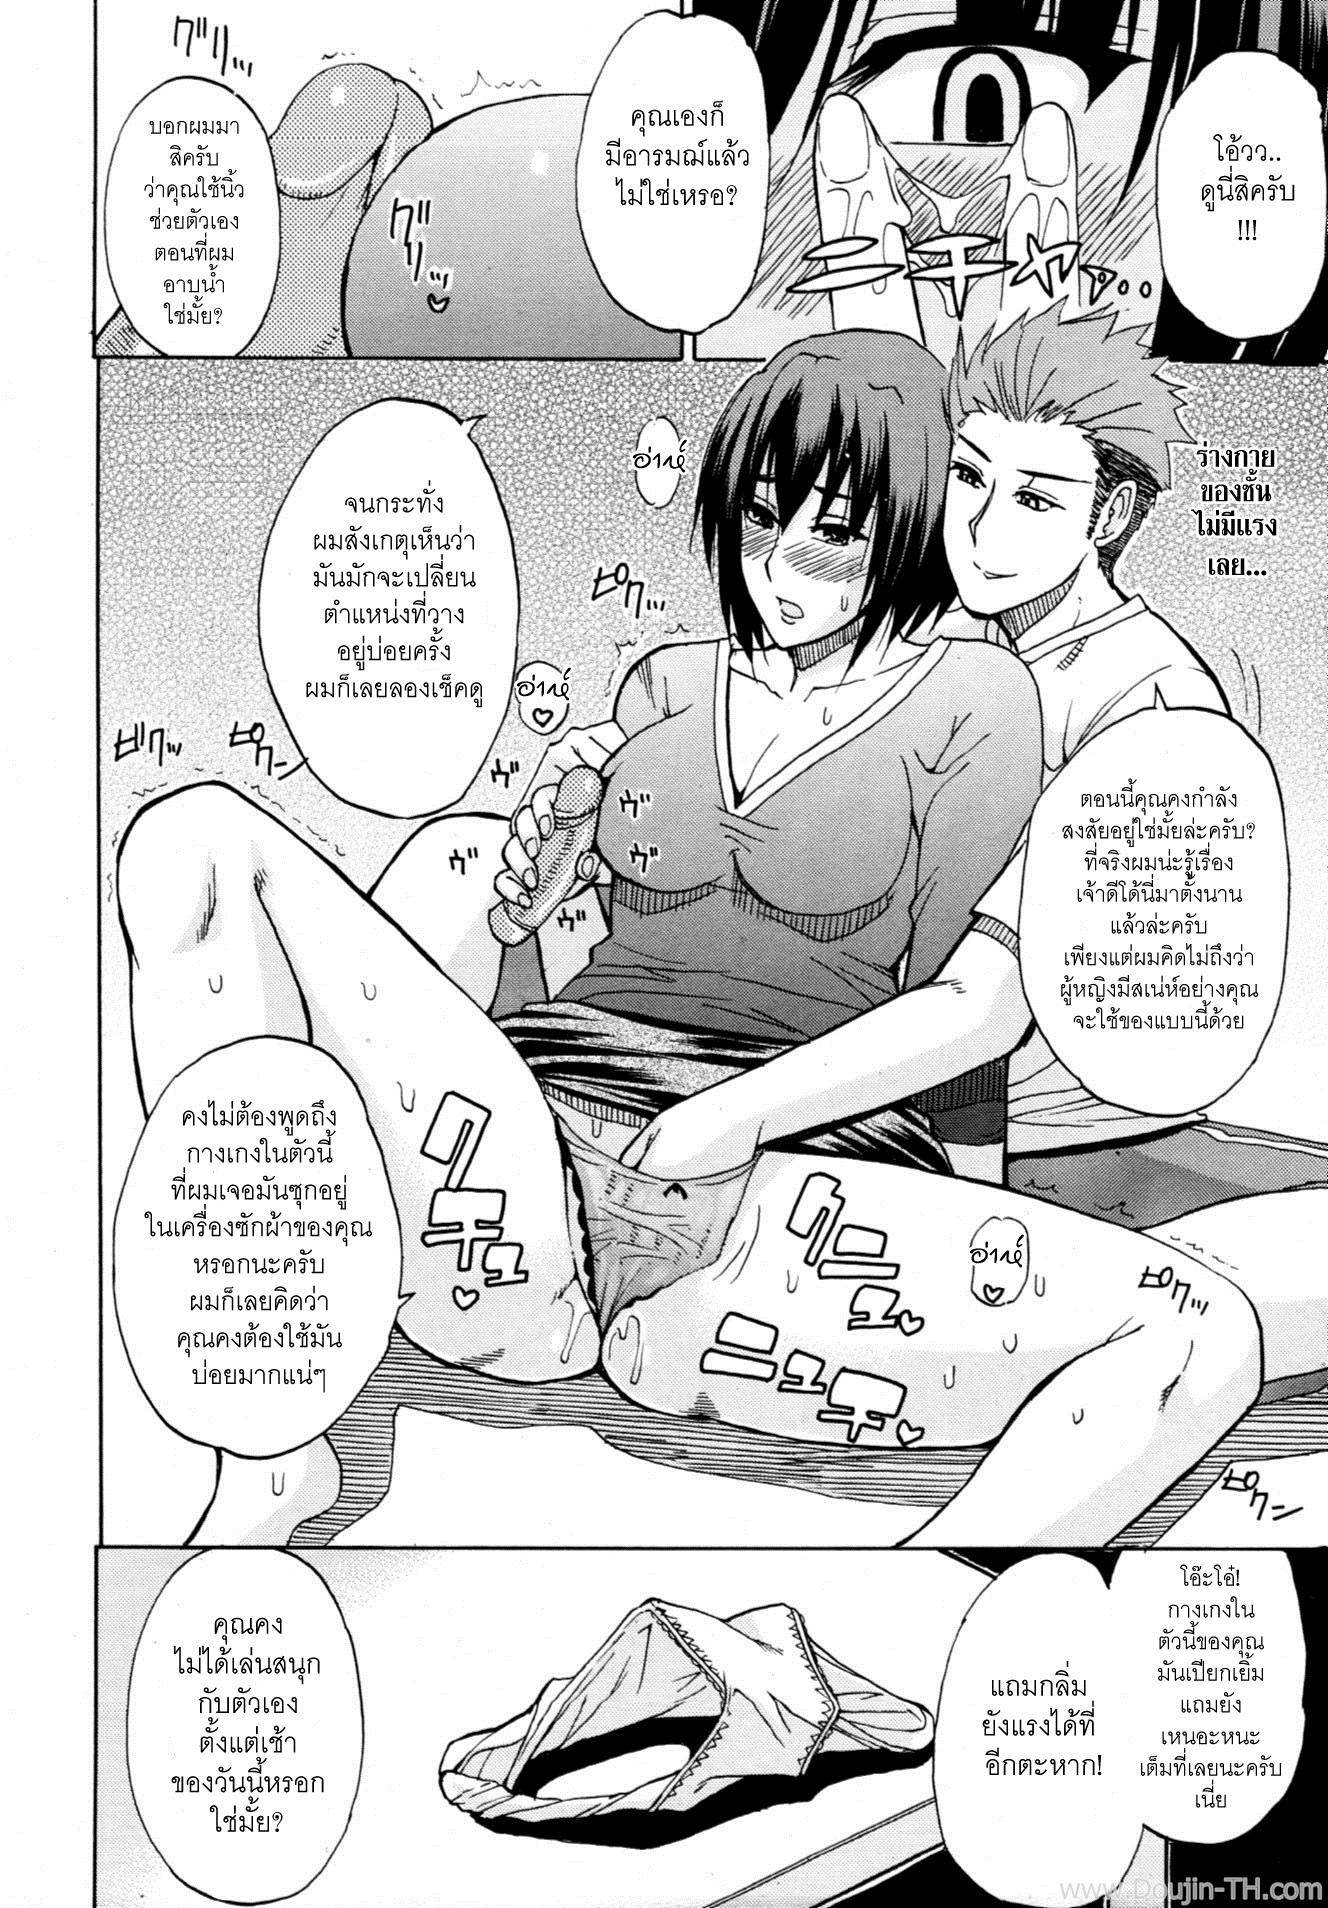 ความลับของคาโอริ - หน้า 12